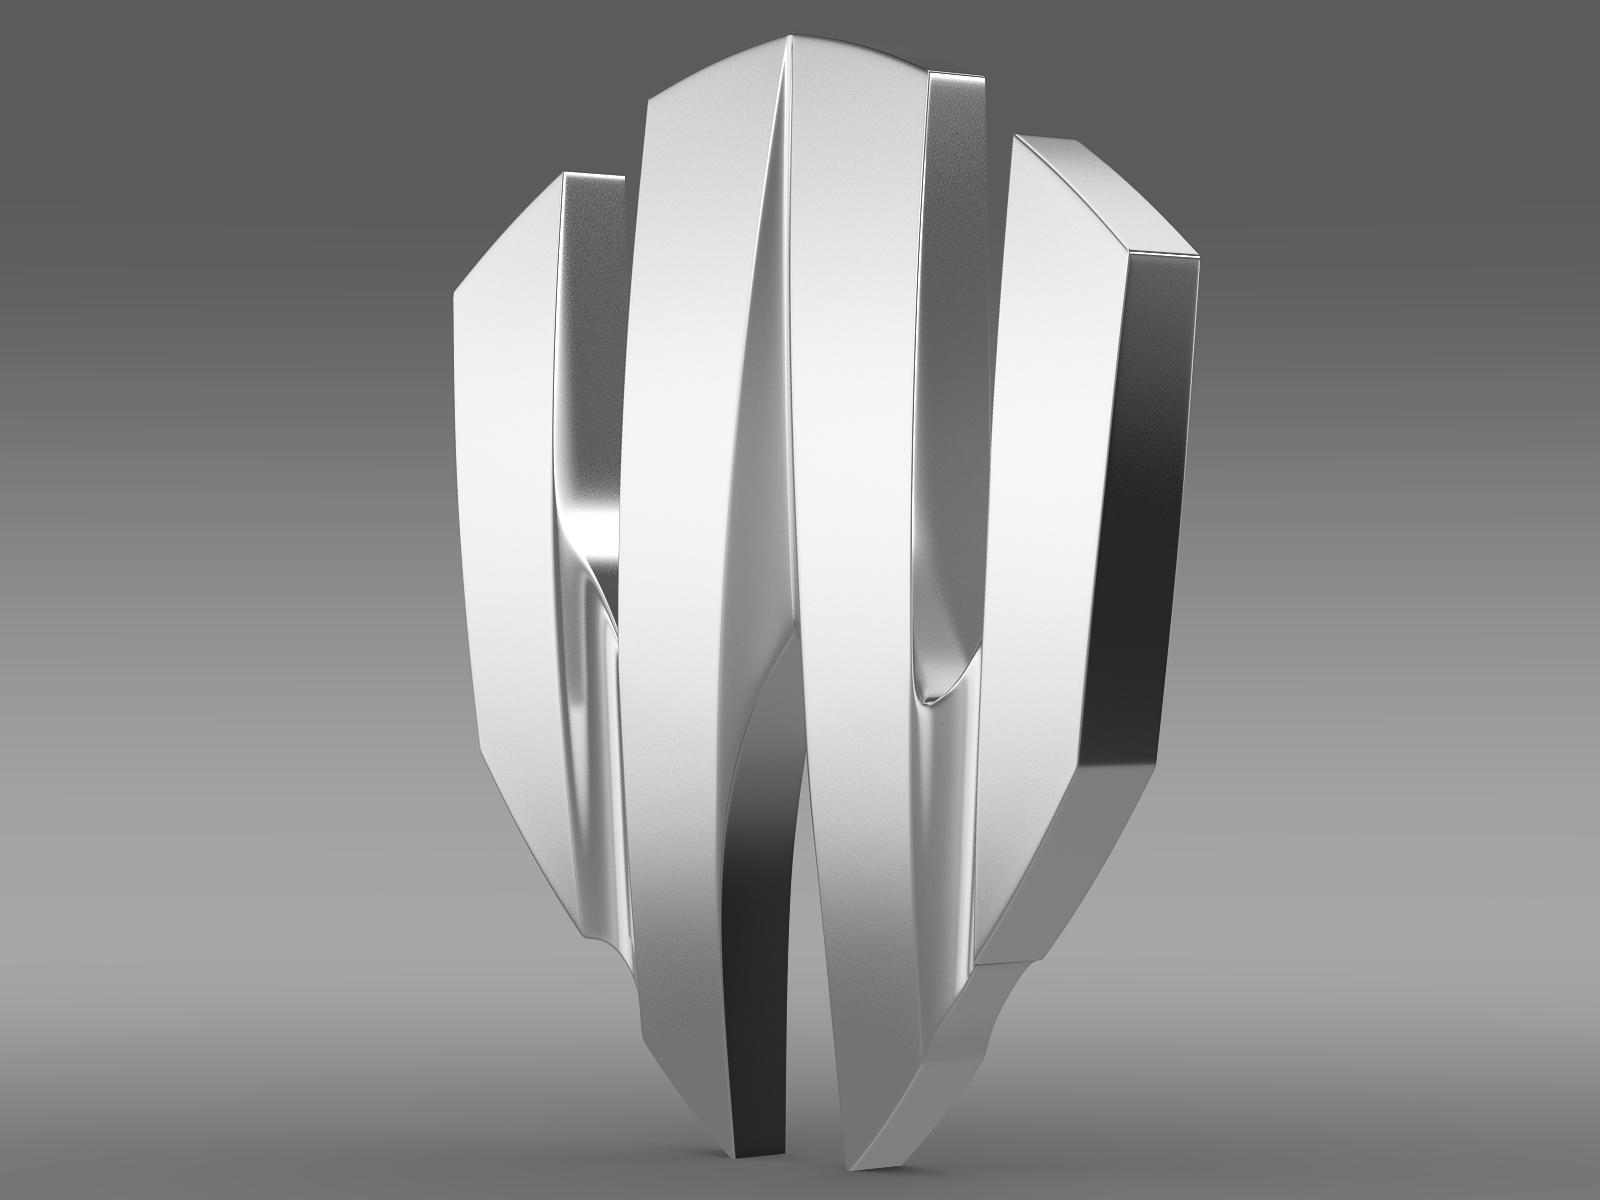 w motors lykan hipersport logo 3d model 3ds max fbx c4d lwo ma mb hrc xsi obj 213242